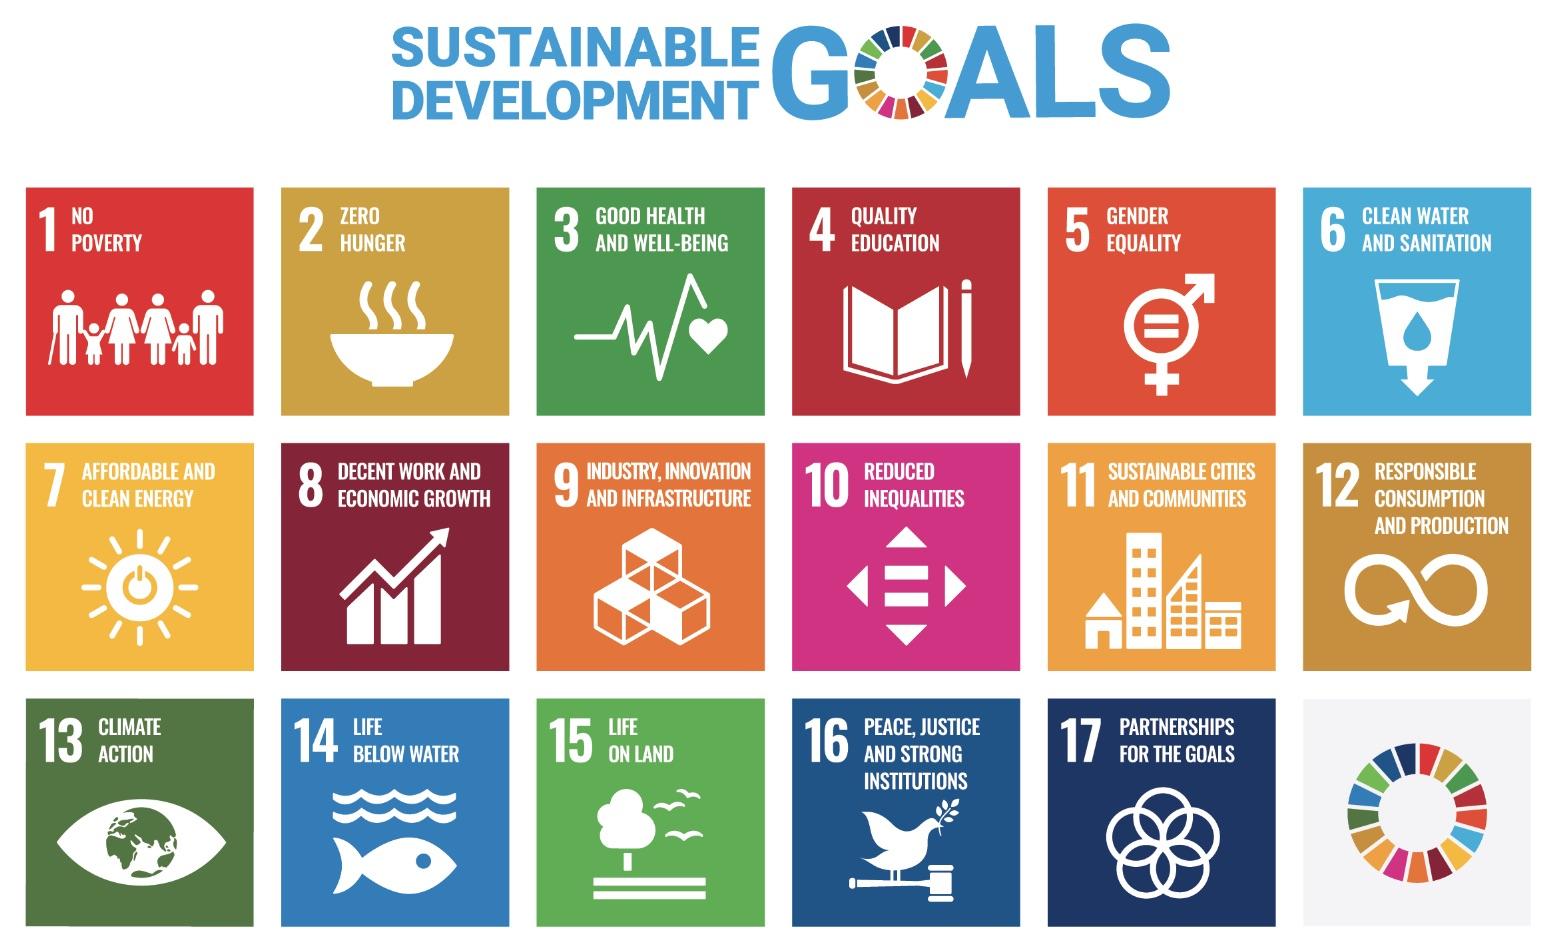 SDG NEW PIC